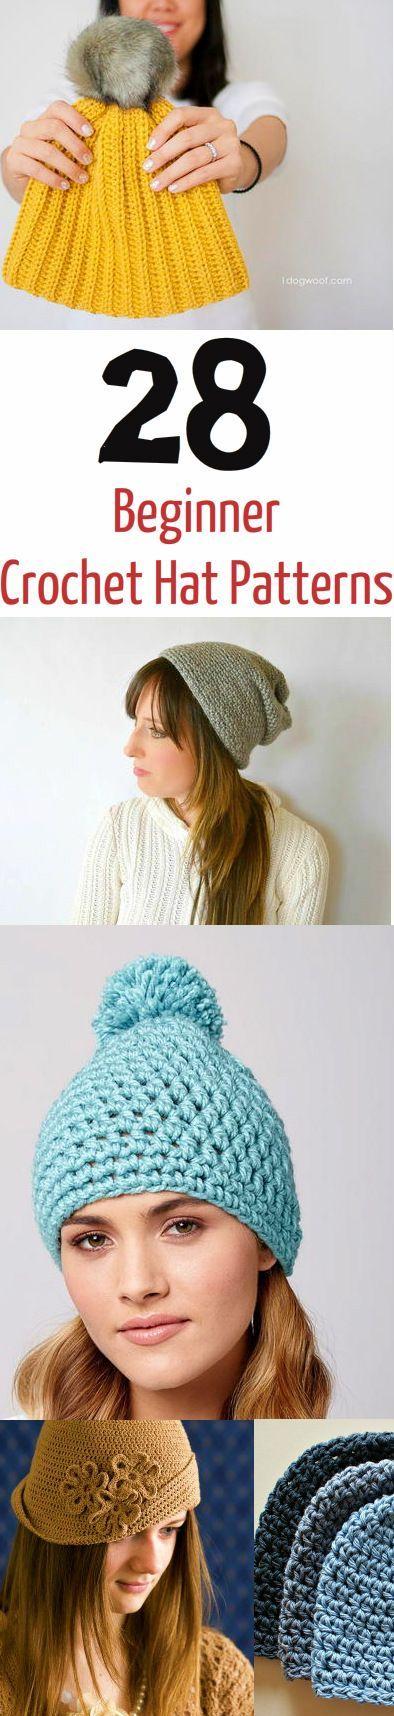 102 besten Crochet hats Bilder auf Pinterest | Hut häkeln, Beanie ...